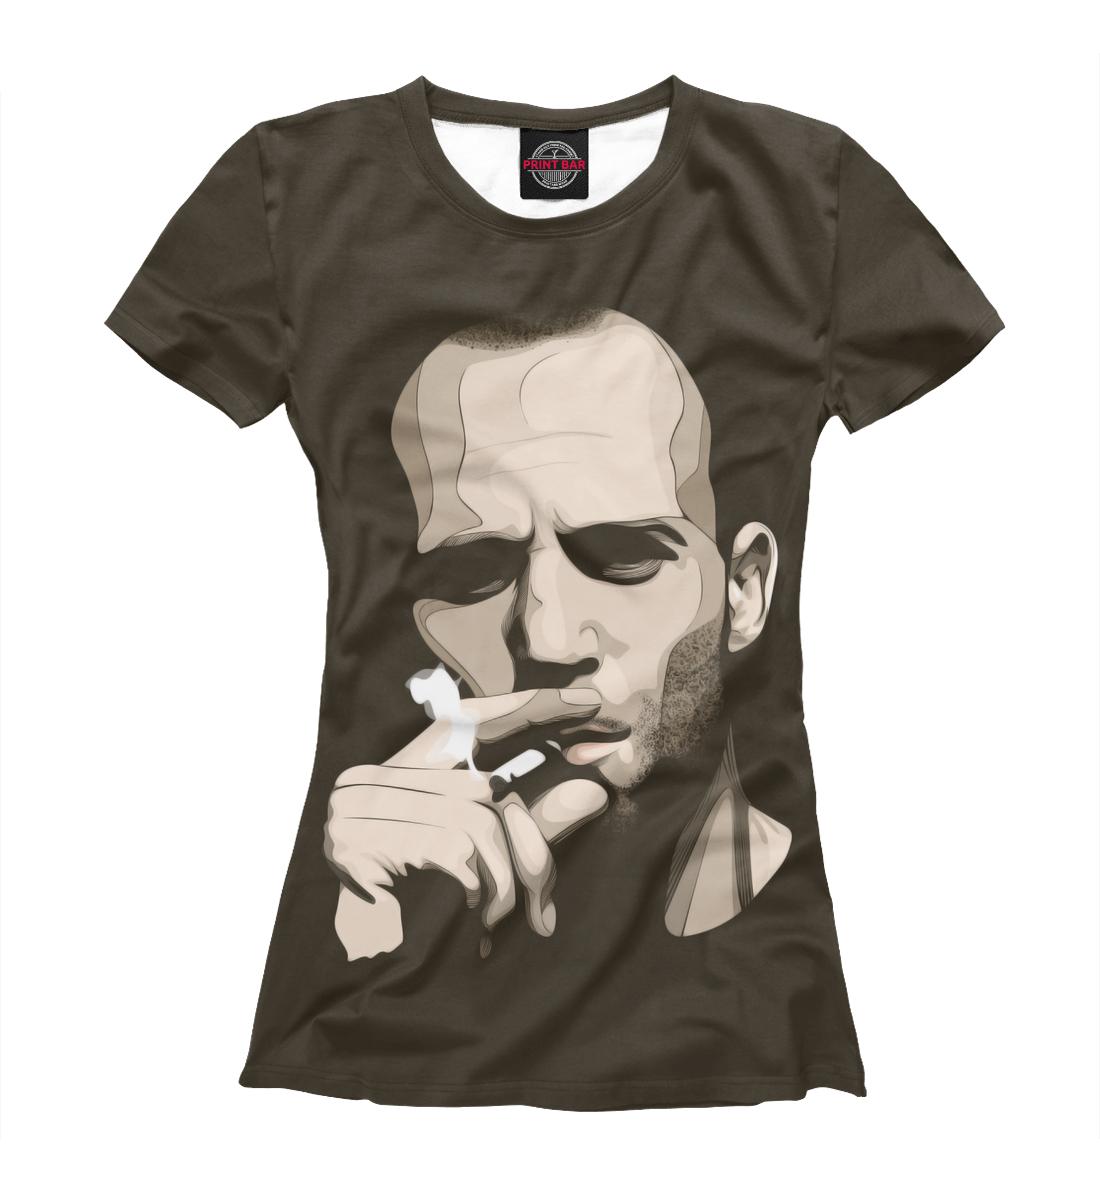 Jason Statham face недорого